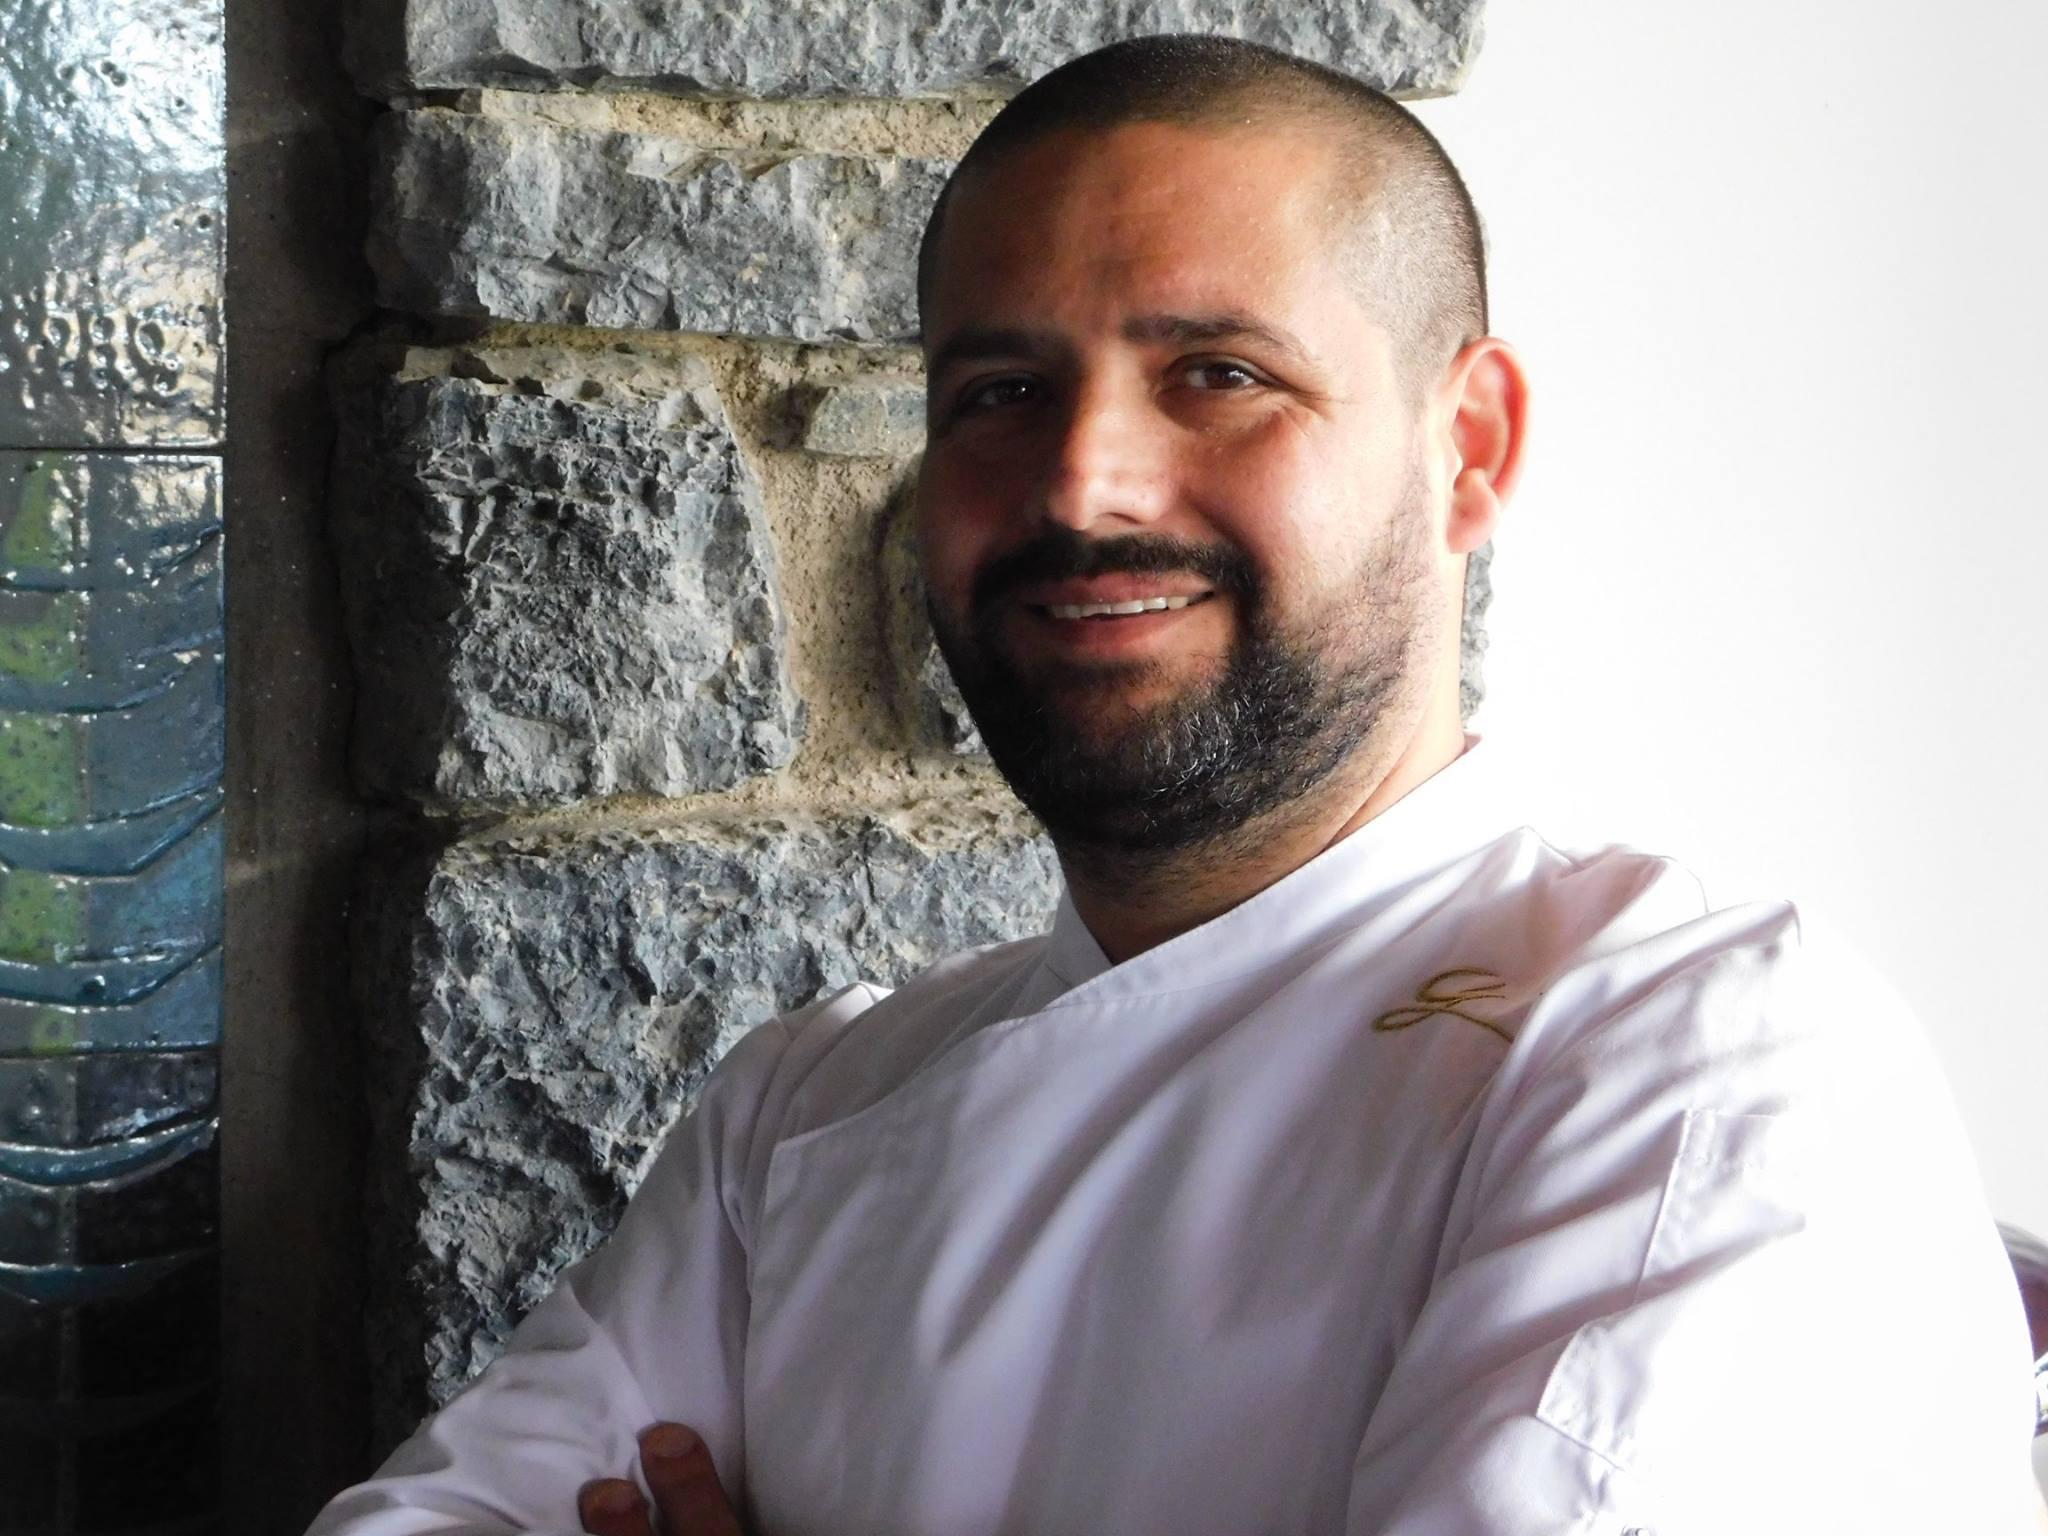 NOVO / Uma estrela: G Restaurante (Bragança), de Óscar Gonçalves